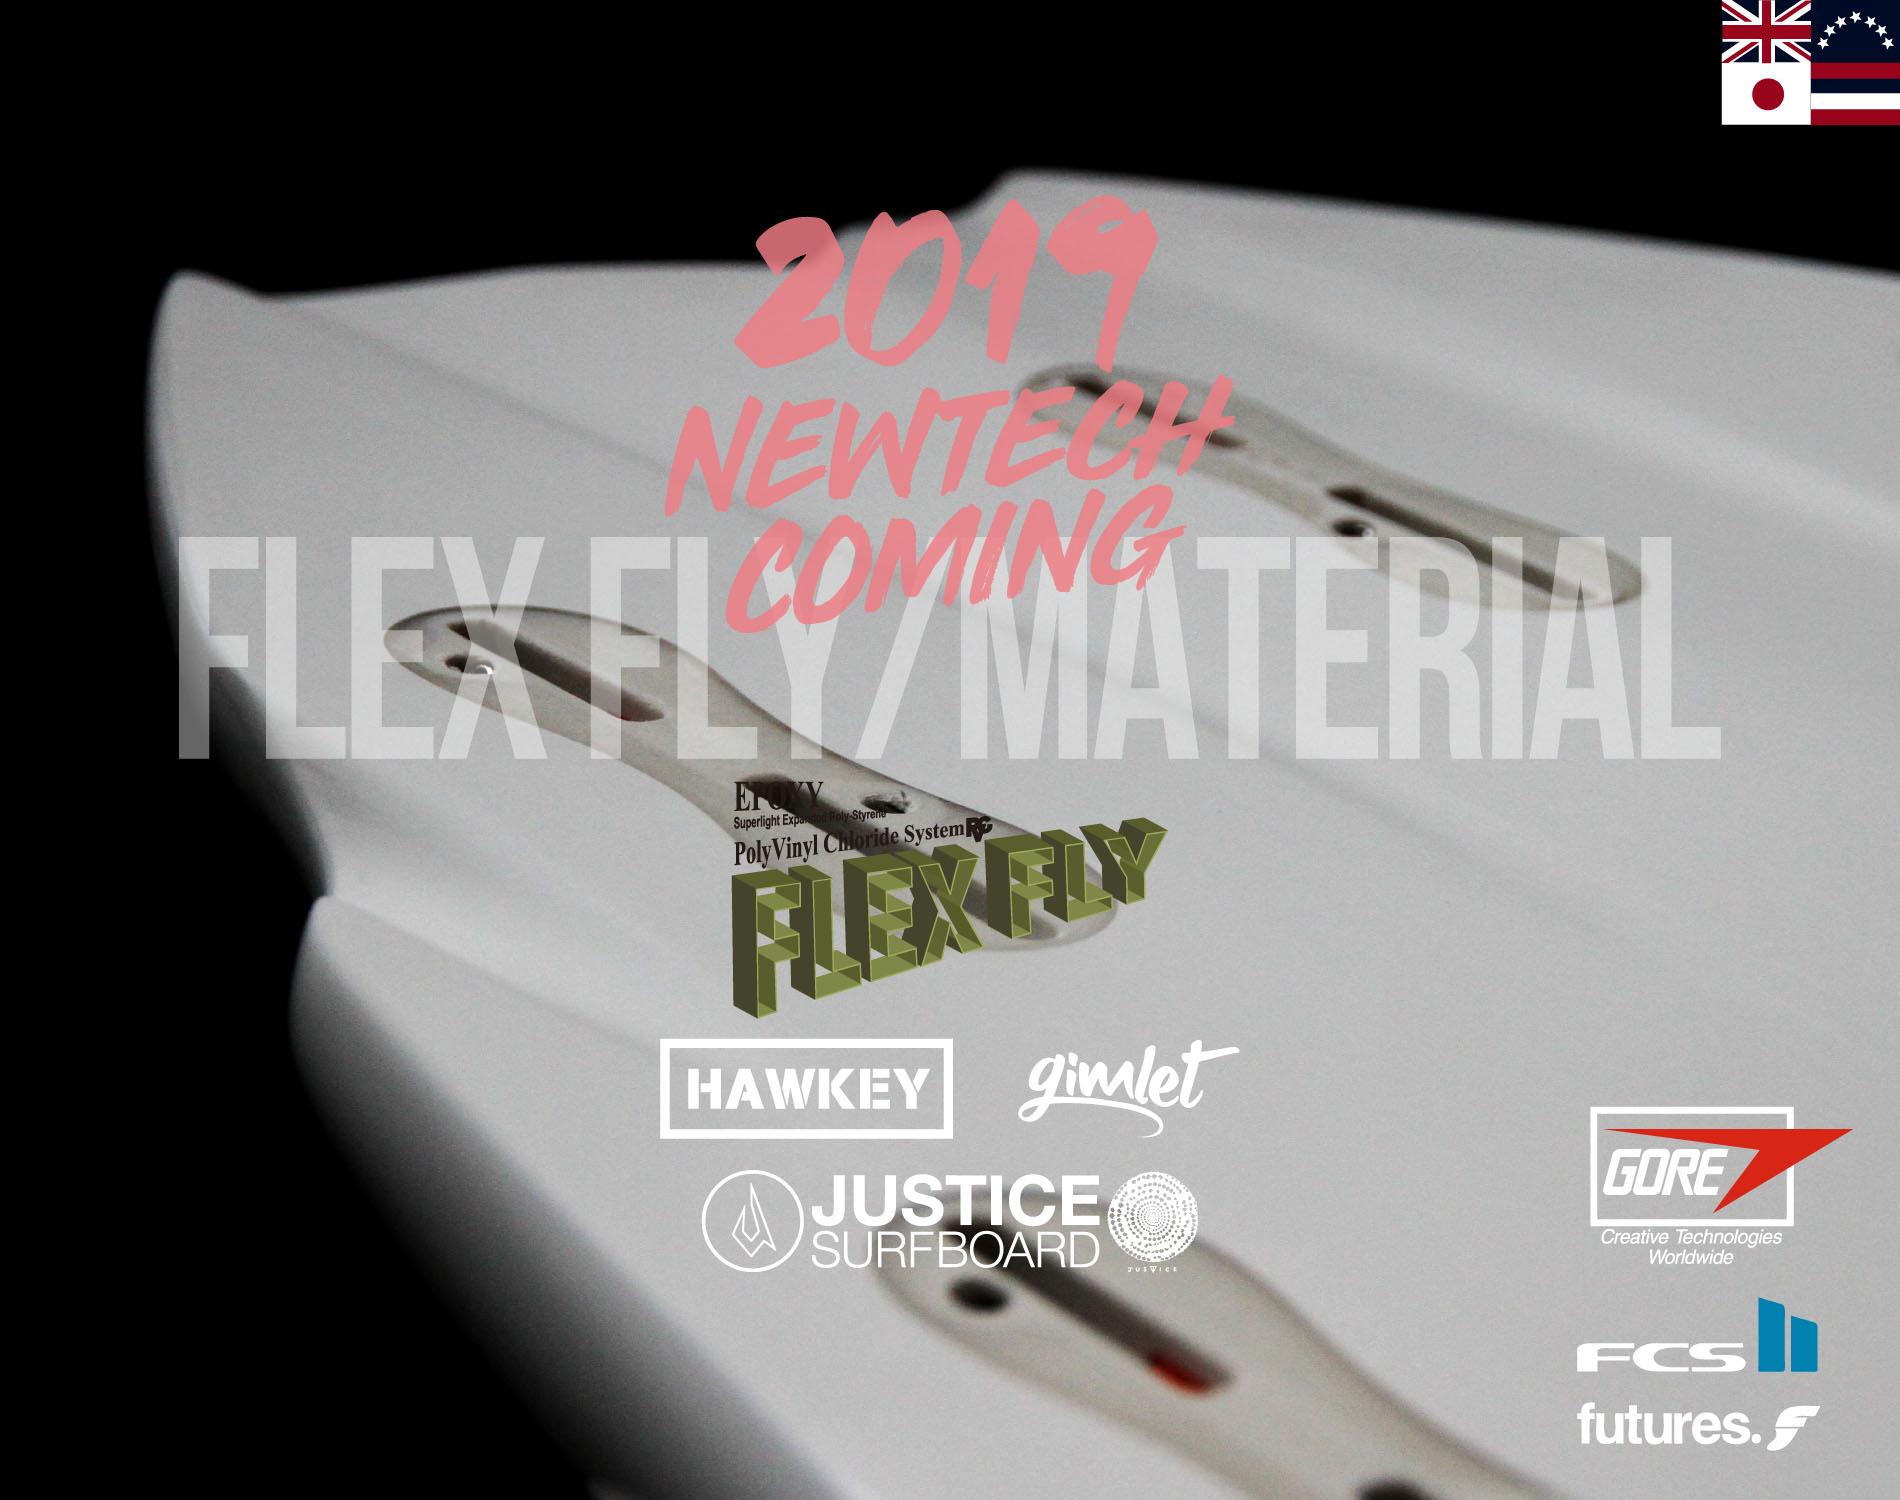 ジャスティスサーフボード flexfly2019